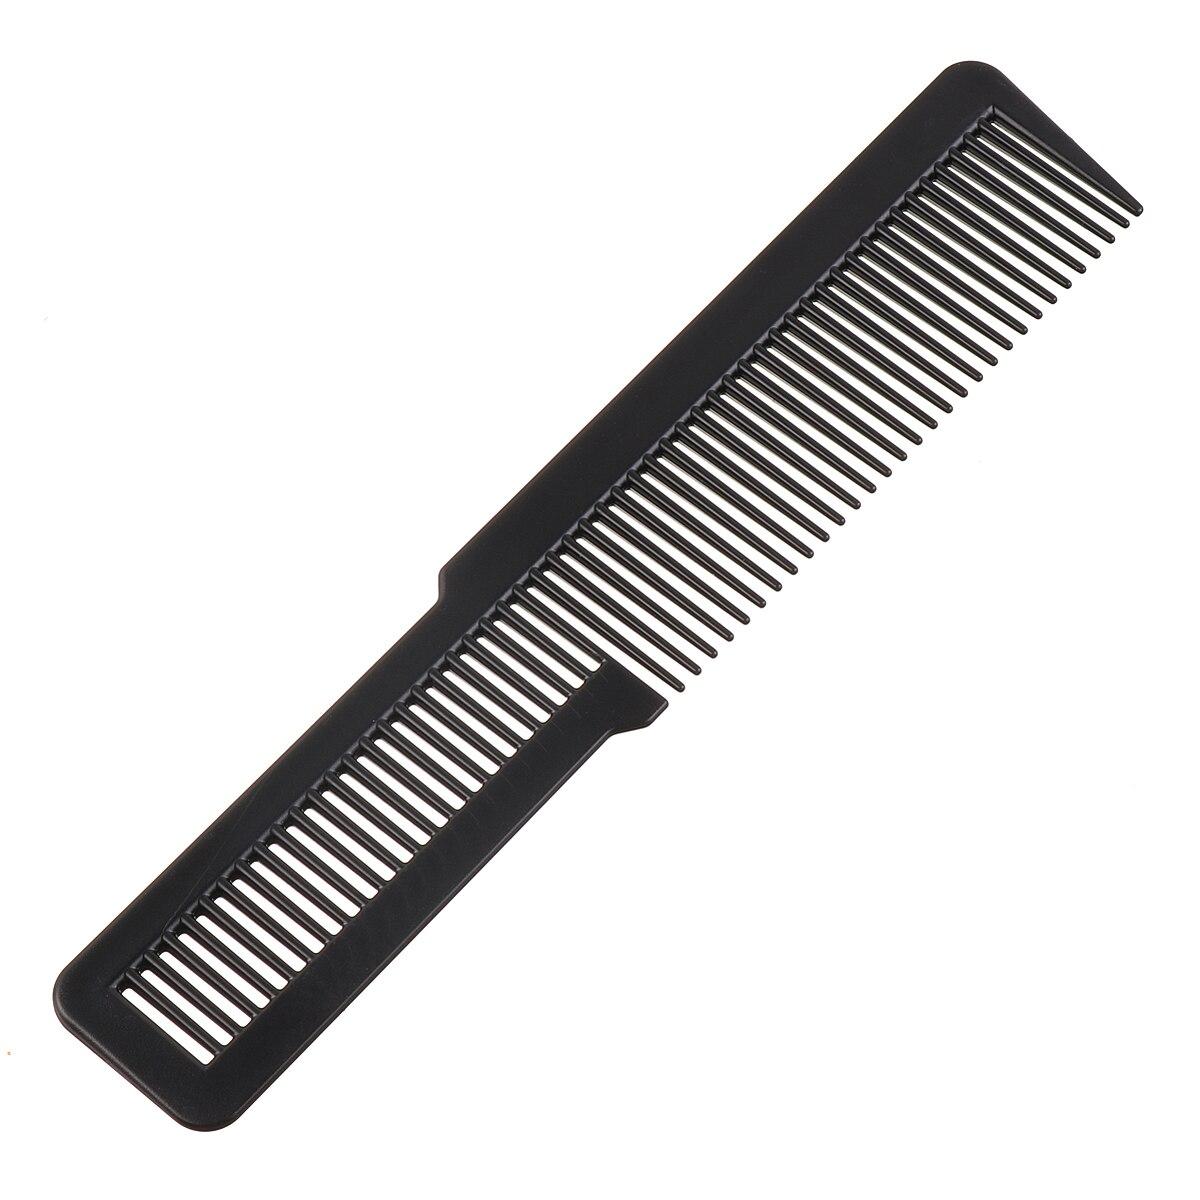 1 unid Pro salón peluquería plástico Clipper peine nuevo diseño duradero peluquería recorte peine herramienta de la peluquería